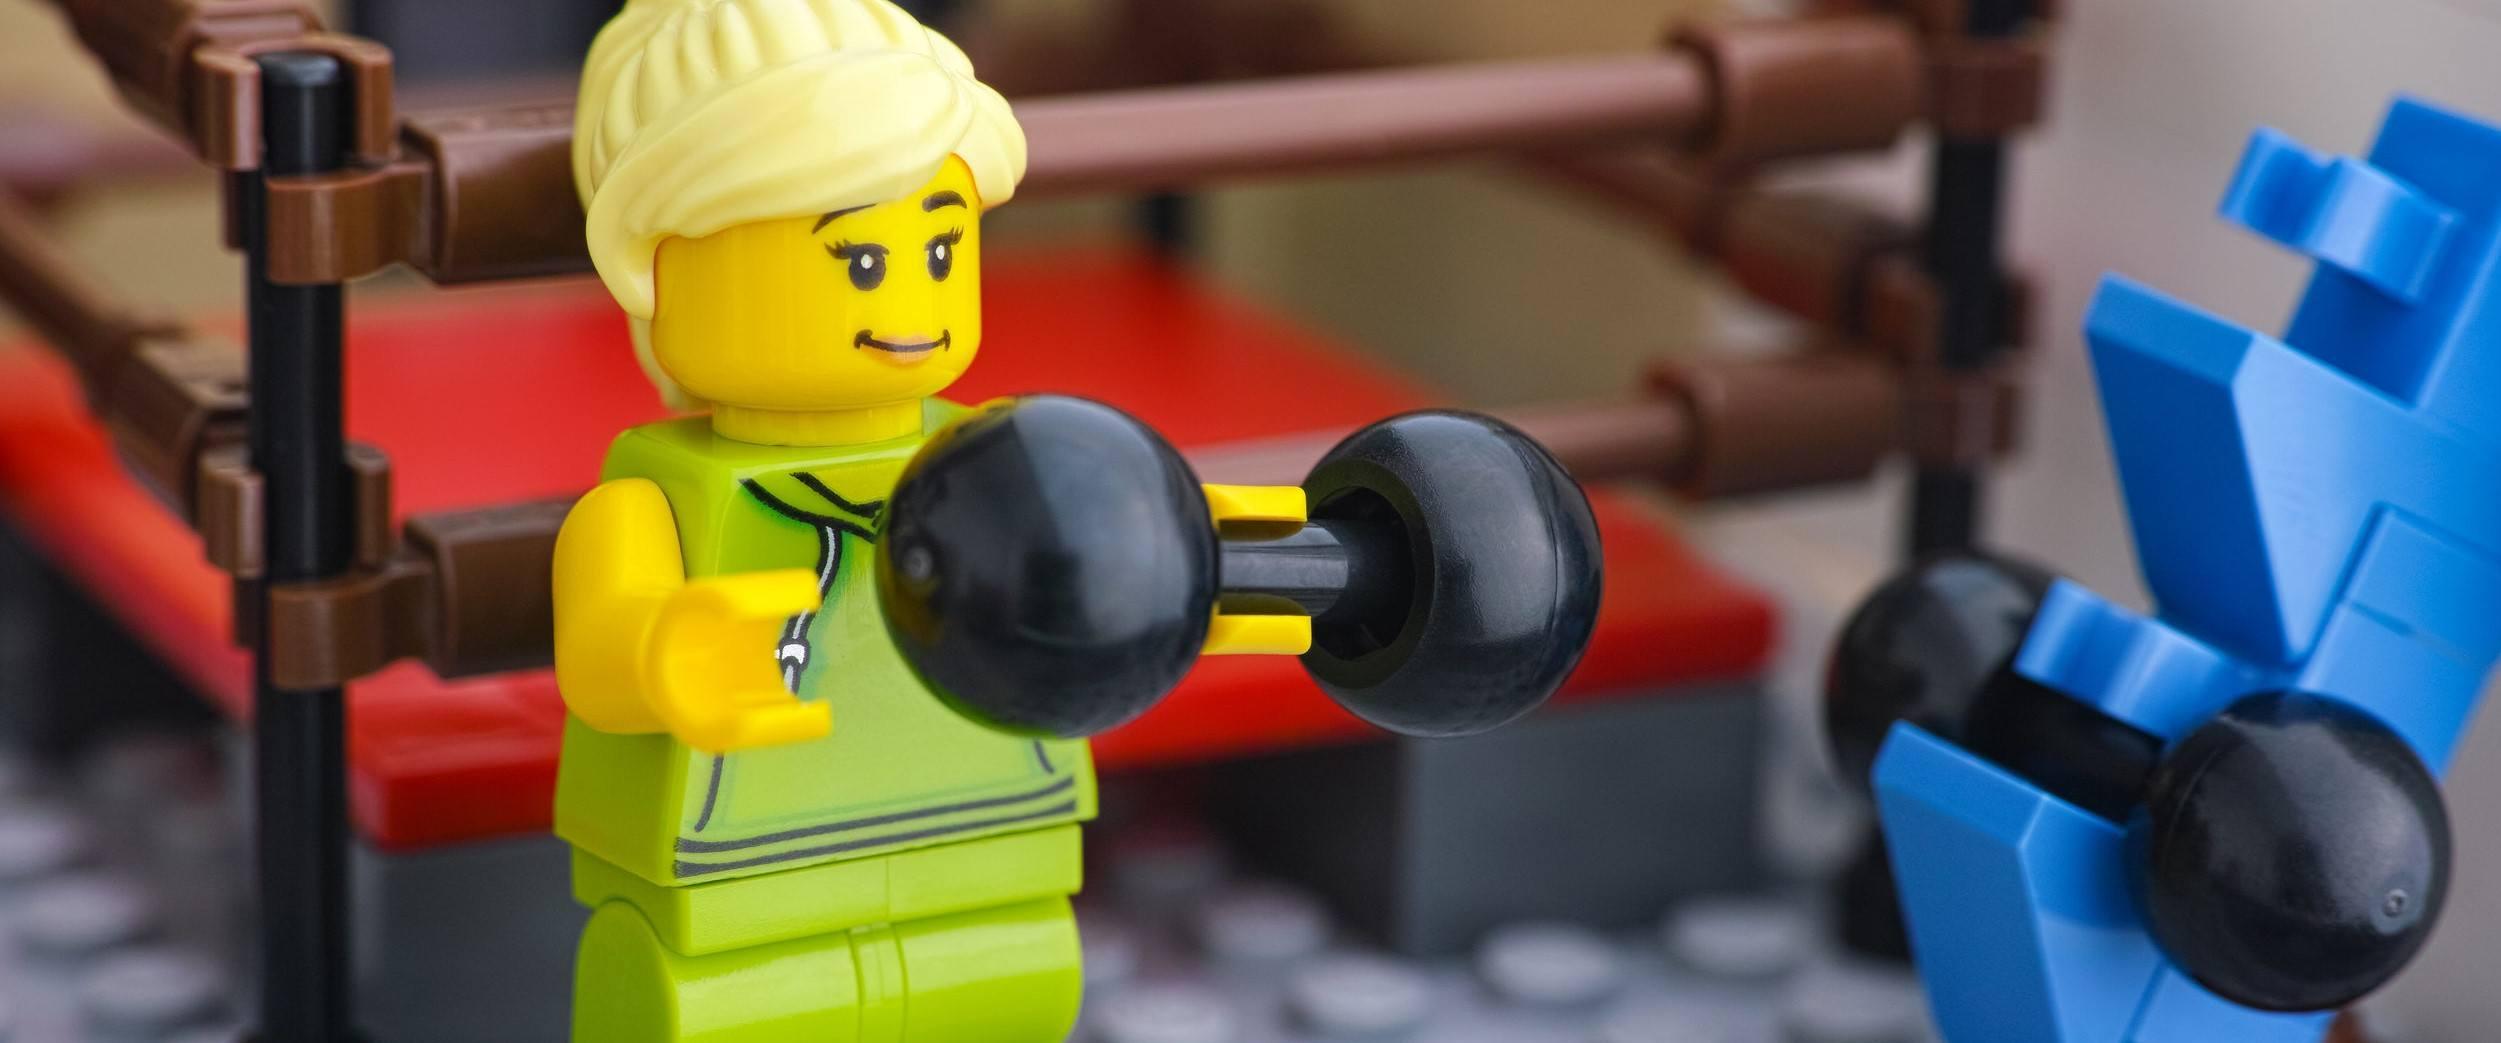 Entrenamiento de fuerza y entrenamiento con pesas 101: como hacerse fuerte